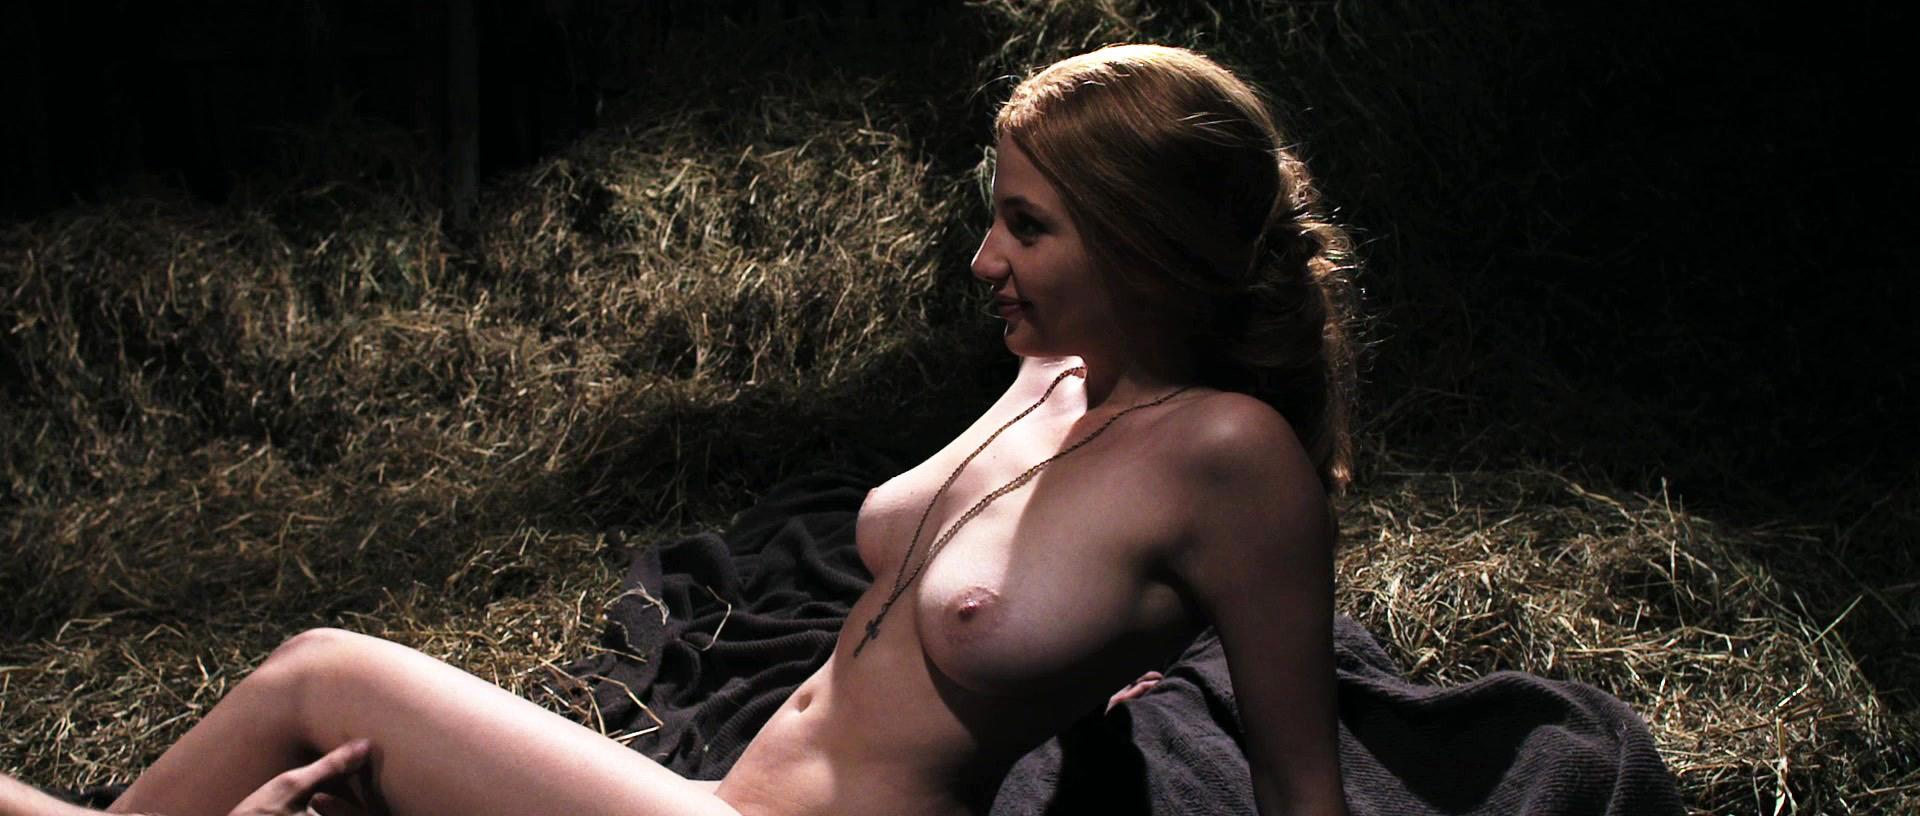 Discovering masturbation female